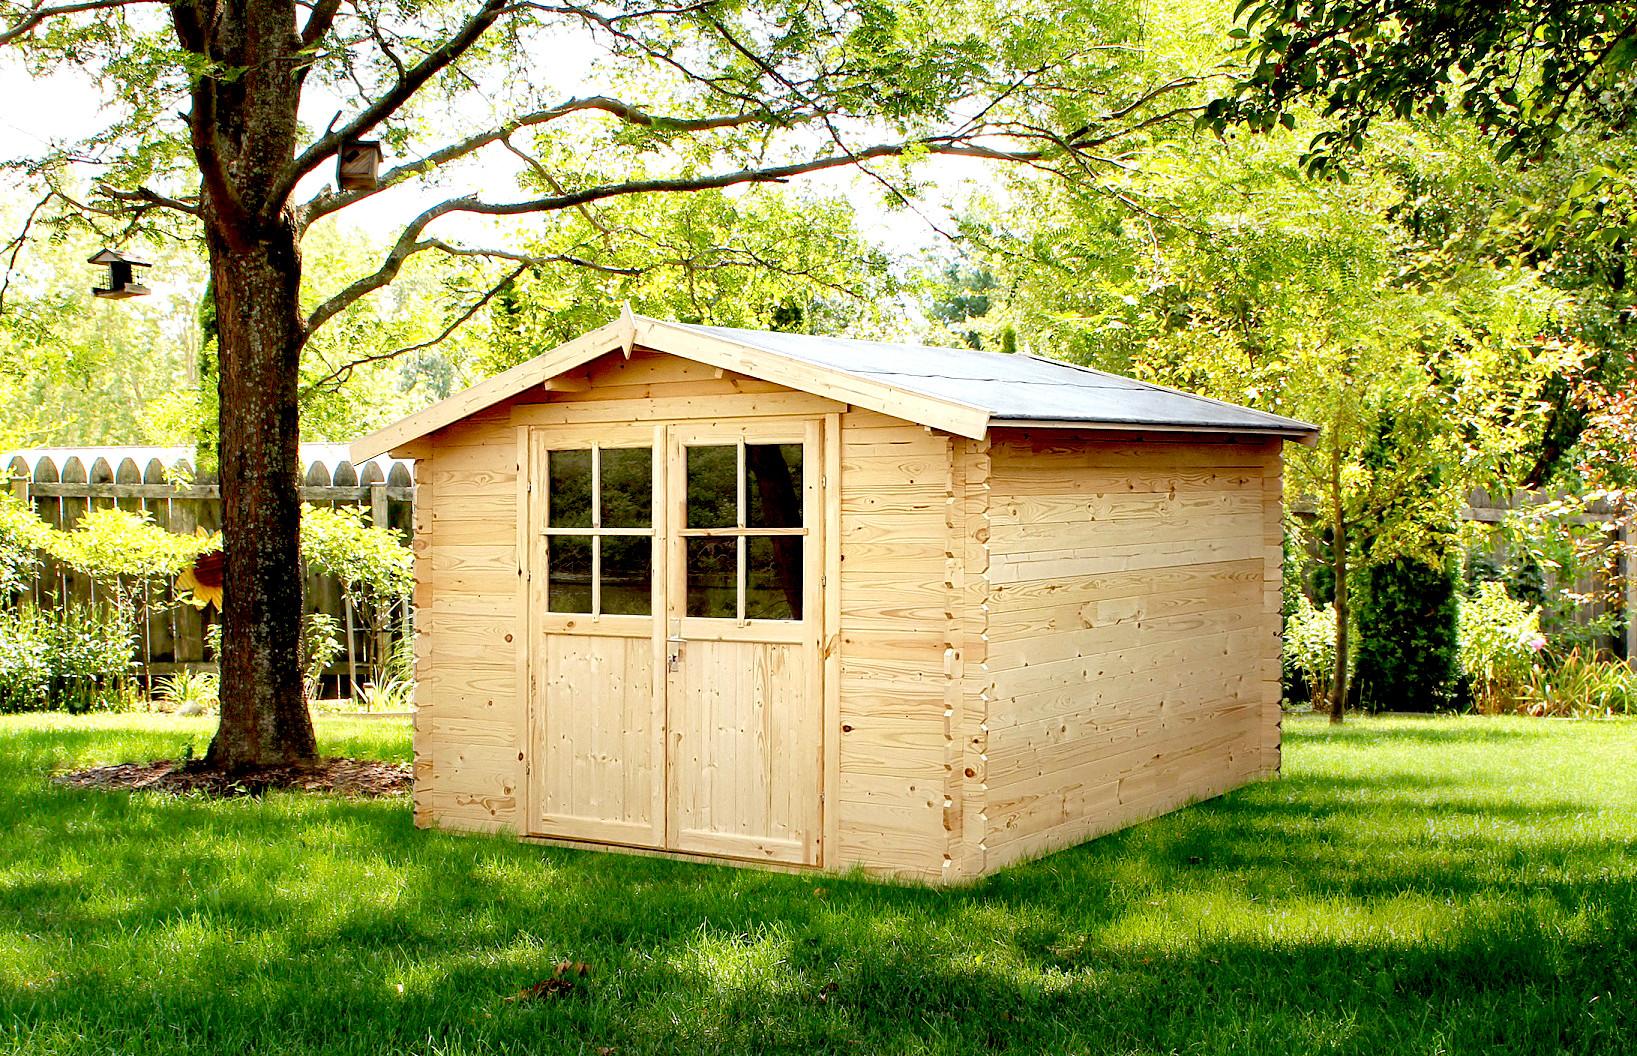 Abri de jardin bois 8,88m²